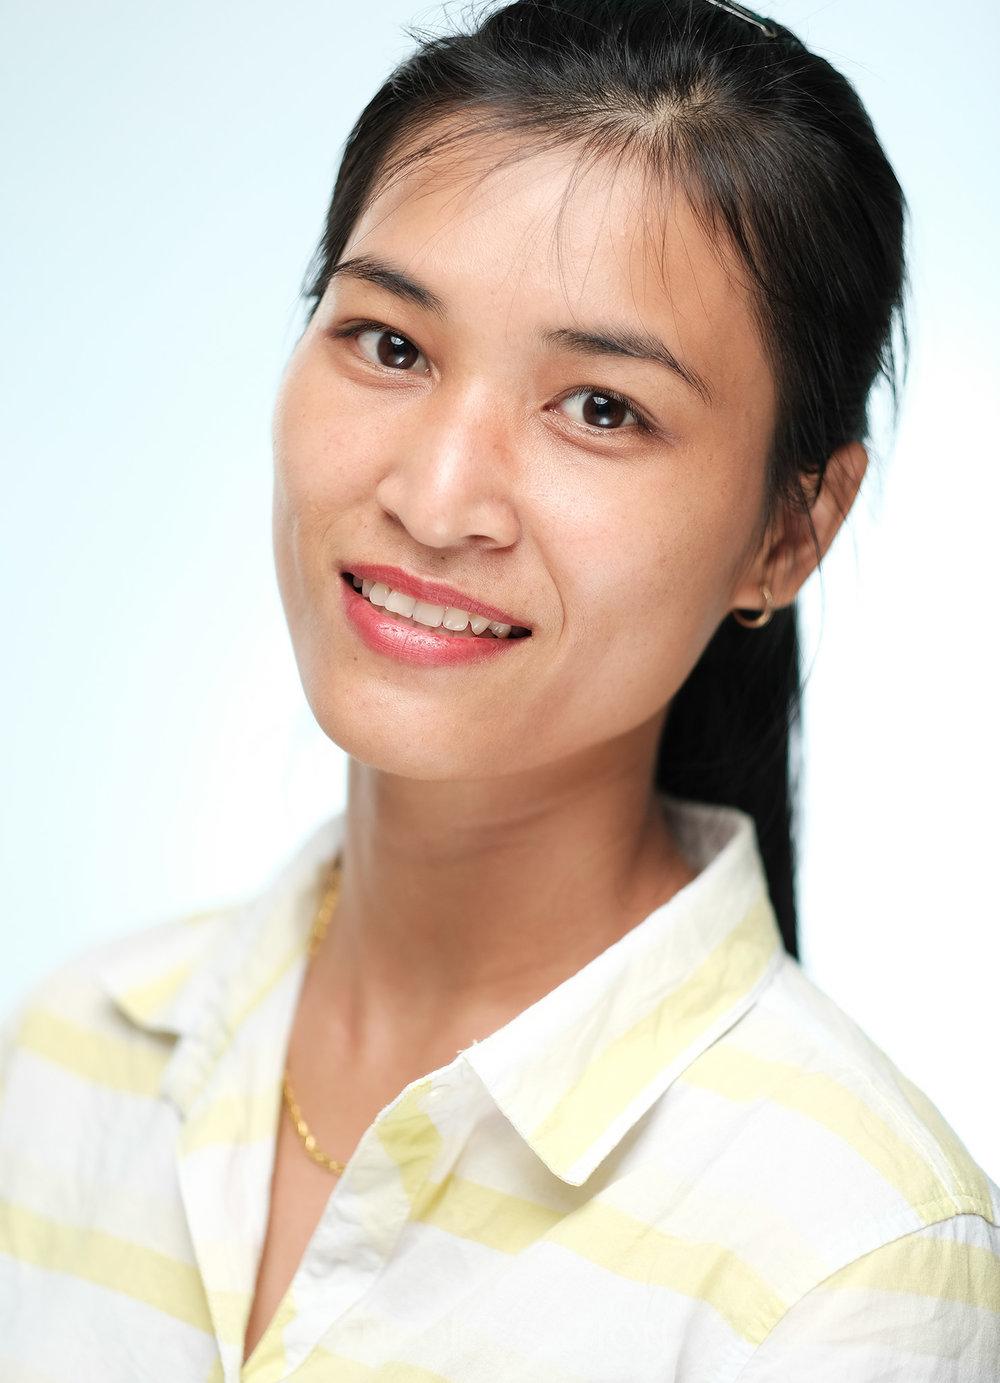 31) Nguyễn Thị Thương